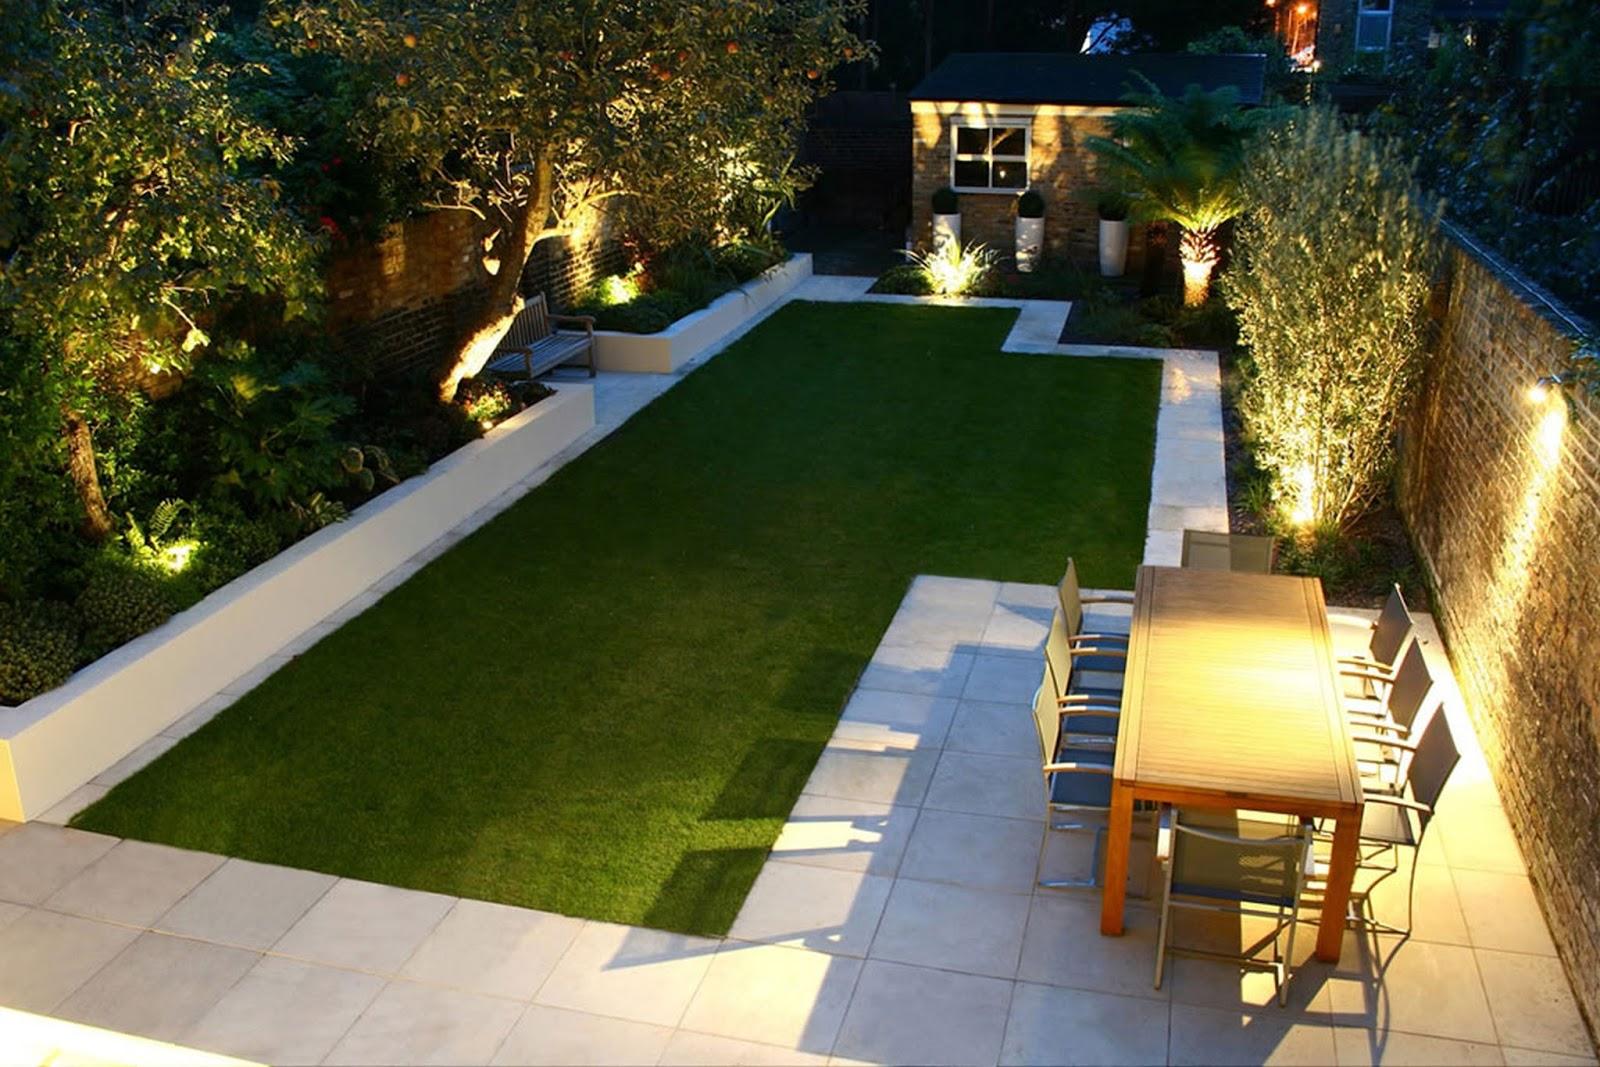 Exquisite Modern Garden Design With Beautiful Lightings